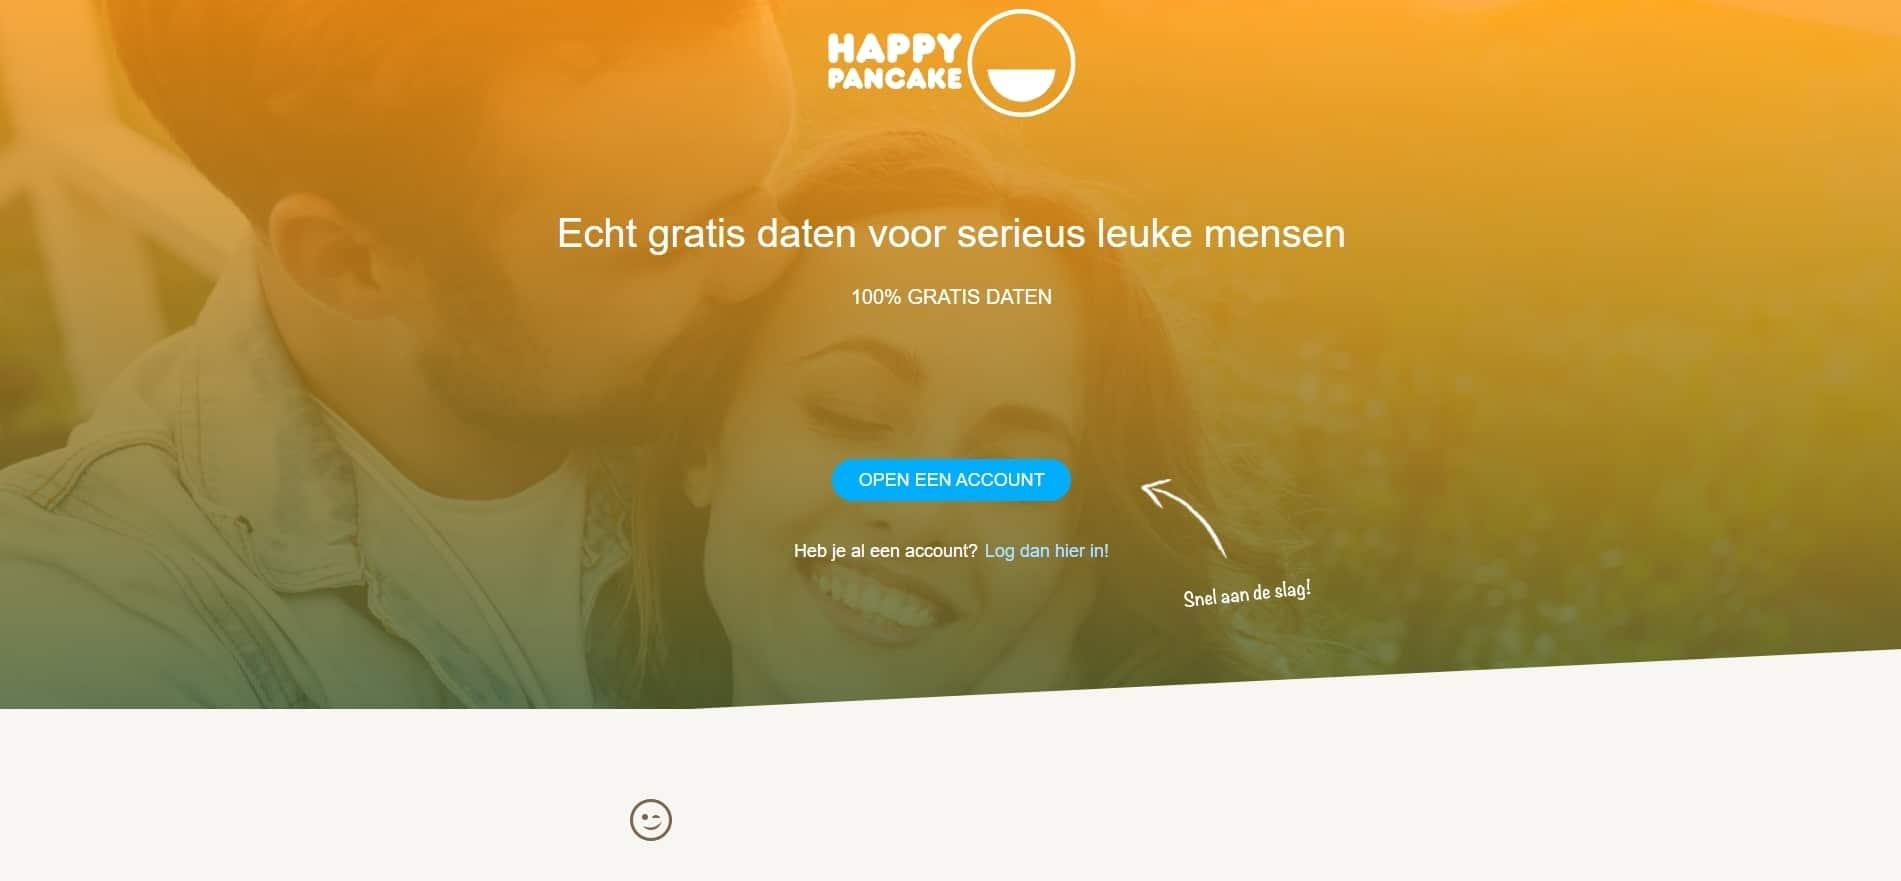 HappyPancake.nl Datingsites